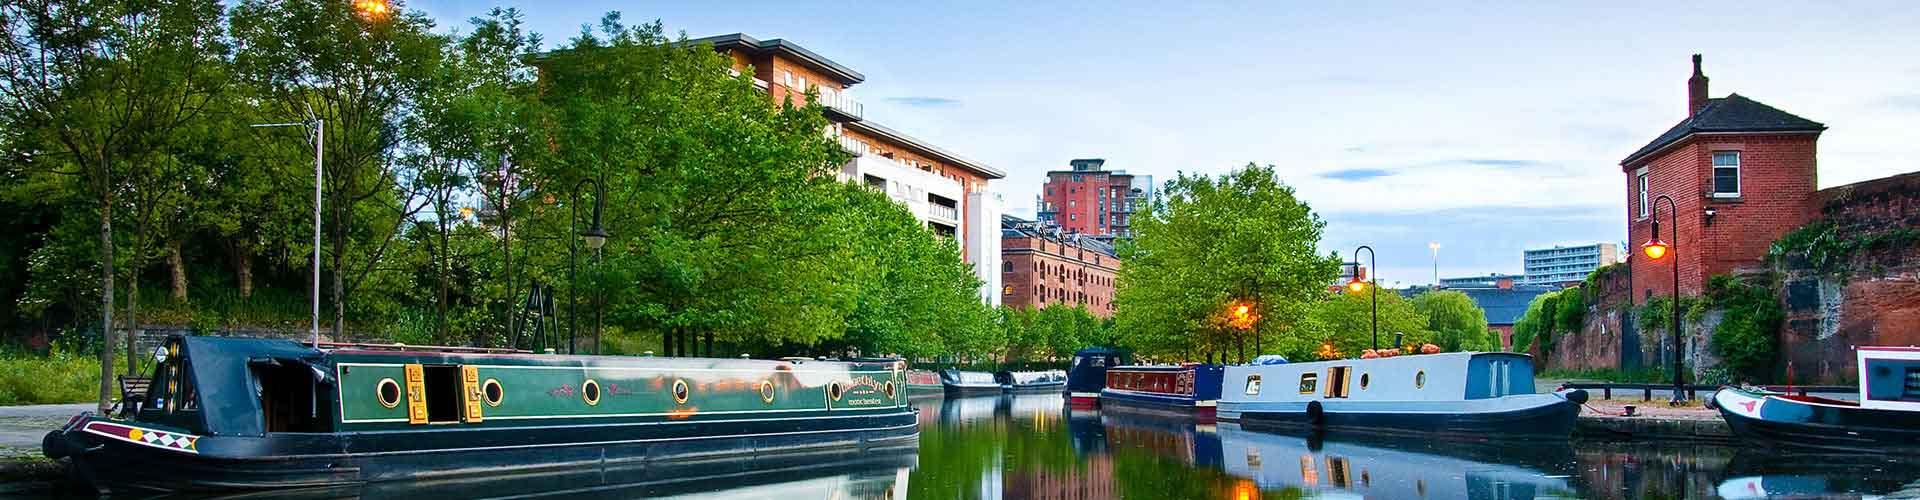 Manchester - Appartements dans le quartier de Université. Cartes pour Manchester, photos et commentaires pour chaque appartement à Manchester.